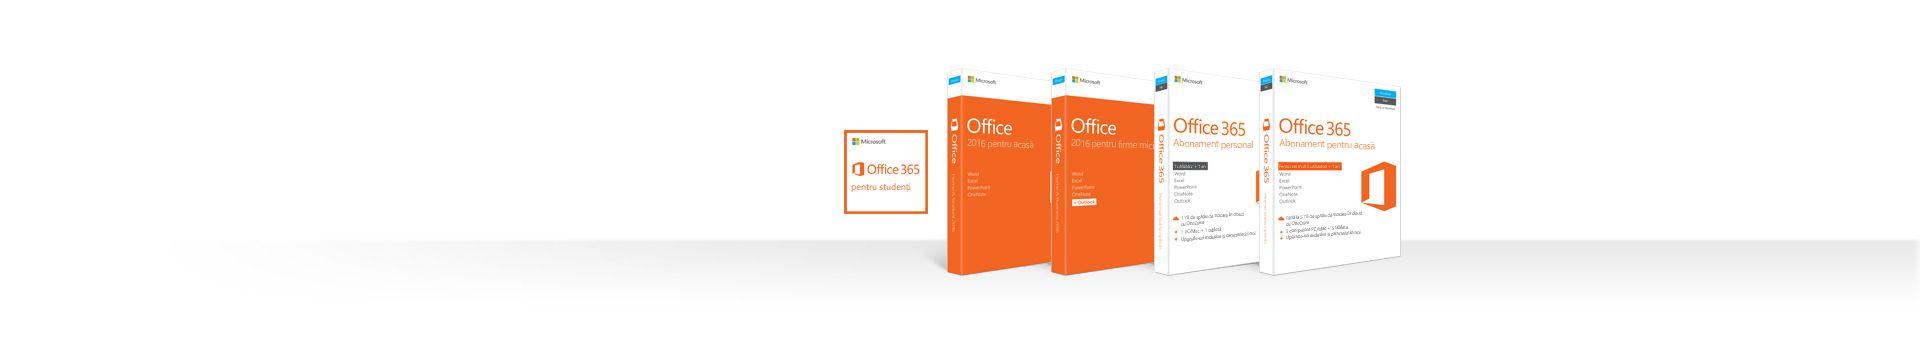 Un rând de cutii care reprezintă abonamente Office și produse independente pentru Mac